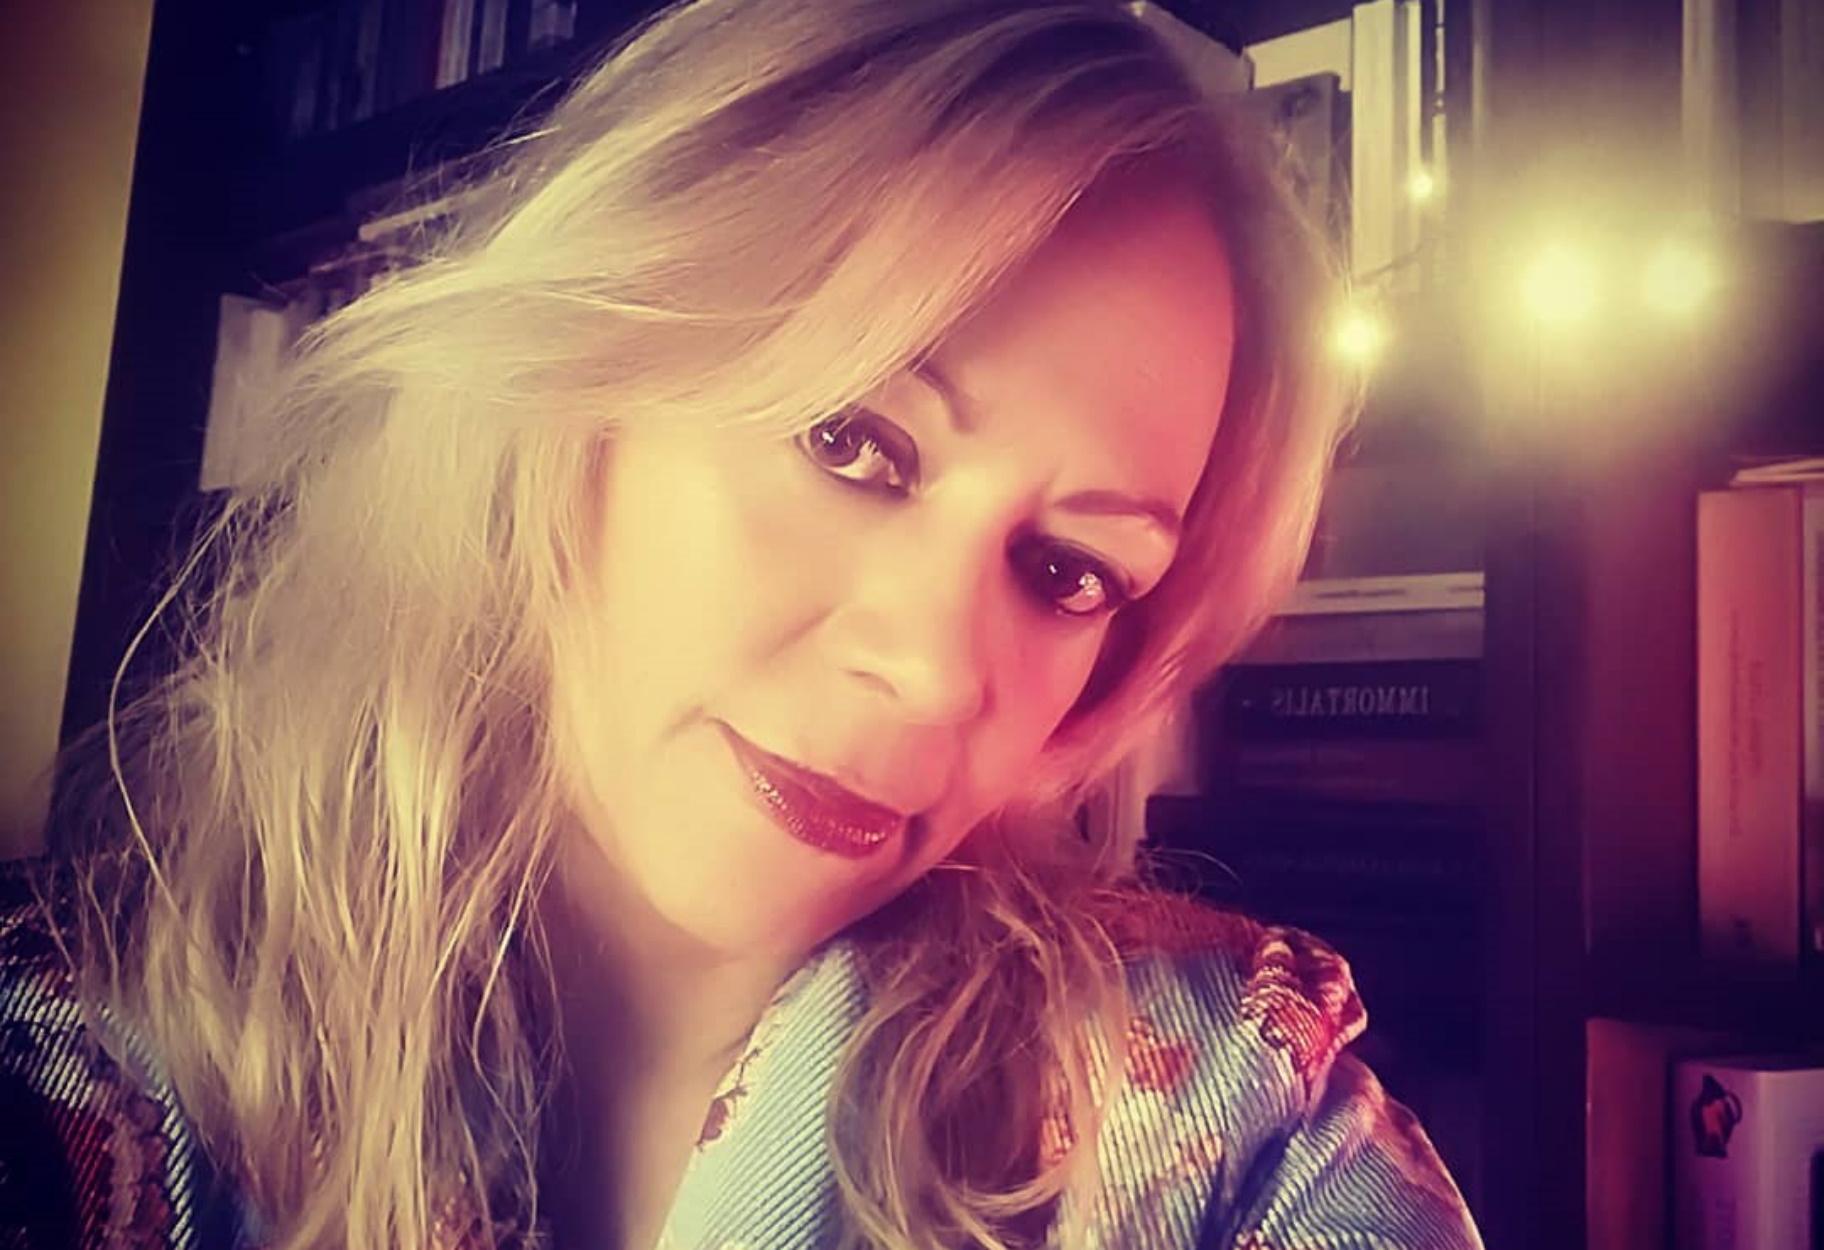 Χριστίνα Σαμπανίκου για Χαϊκάλη: Υπάρχει θυμός και αηδία, τίποτα δεν δικαιολογεί αυτές τις πράξεις